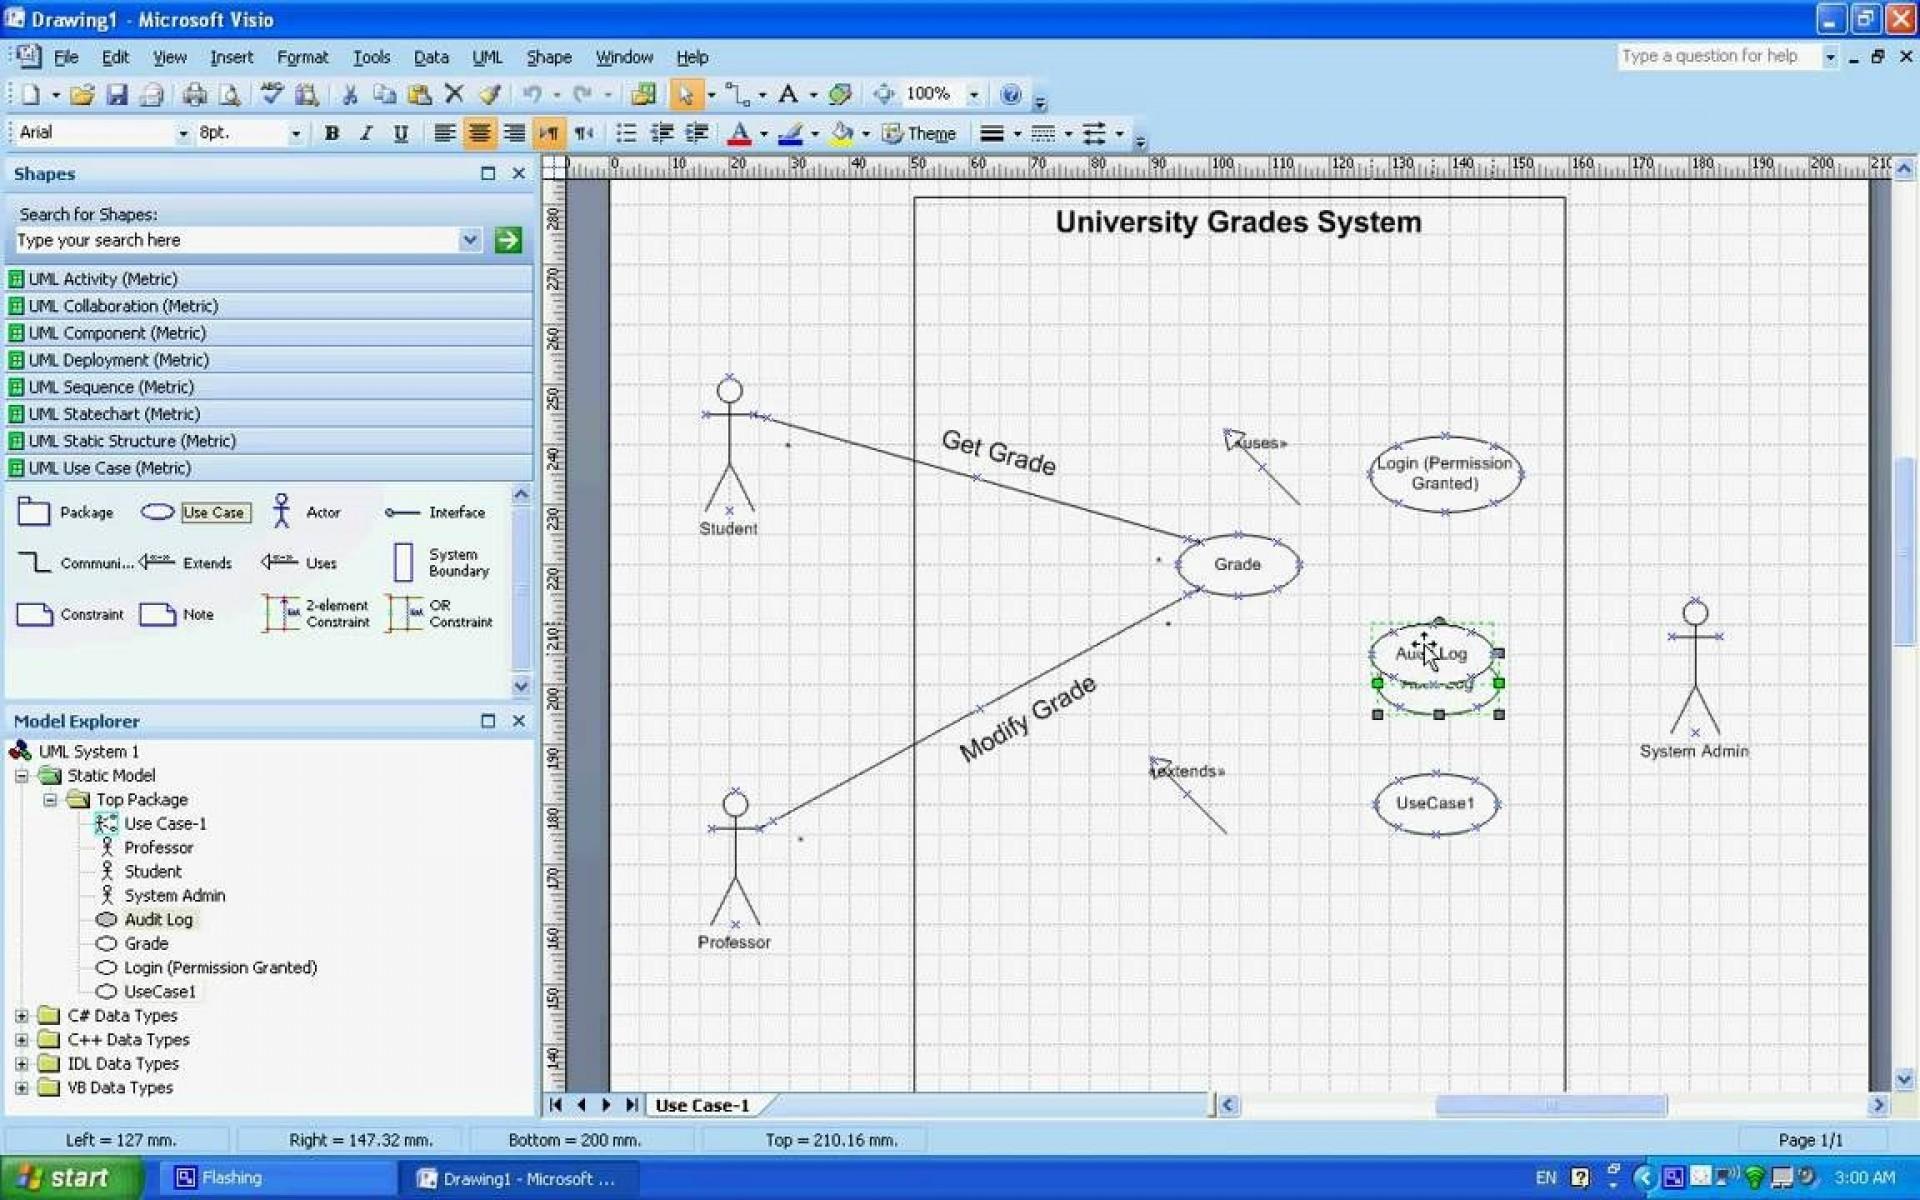 003 Best Uml Diagram Template Visio 2010 Design  Model Download Clas1920